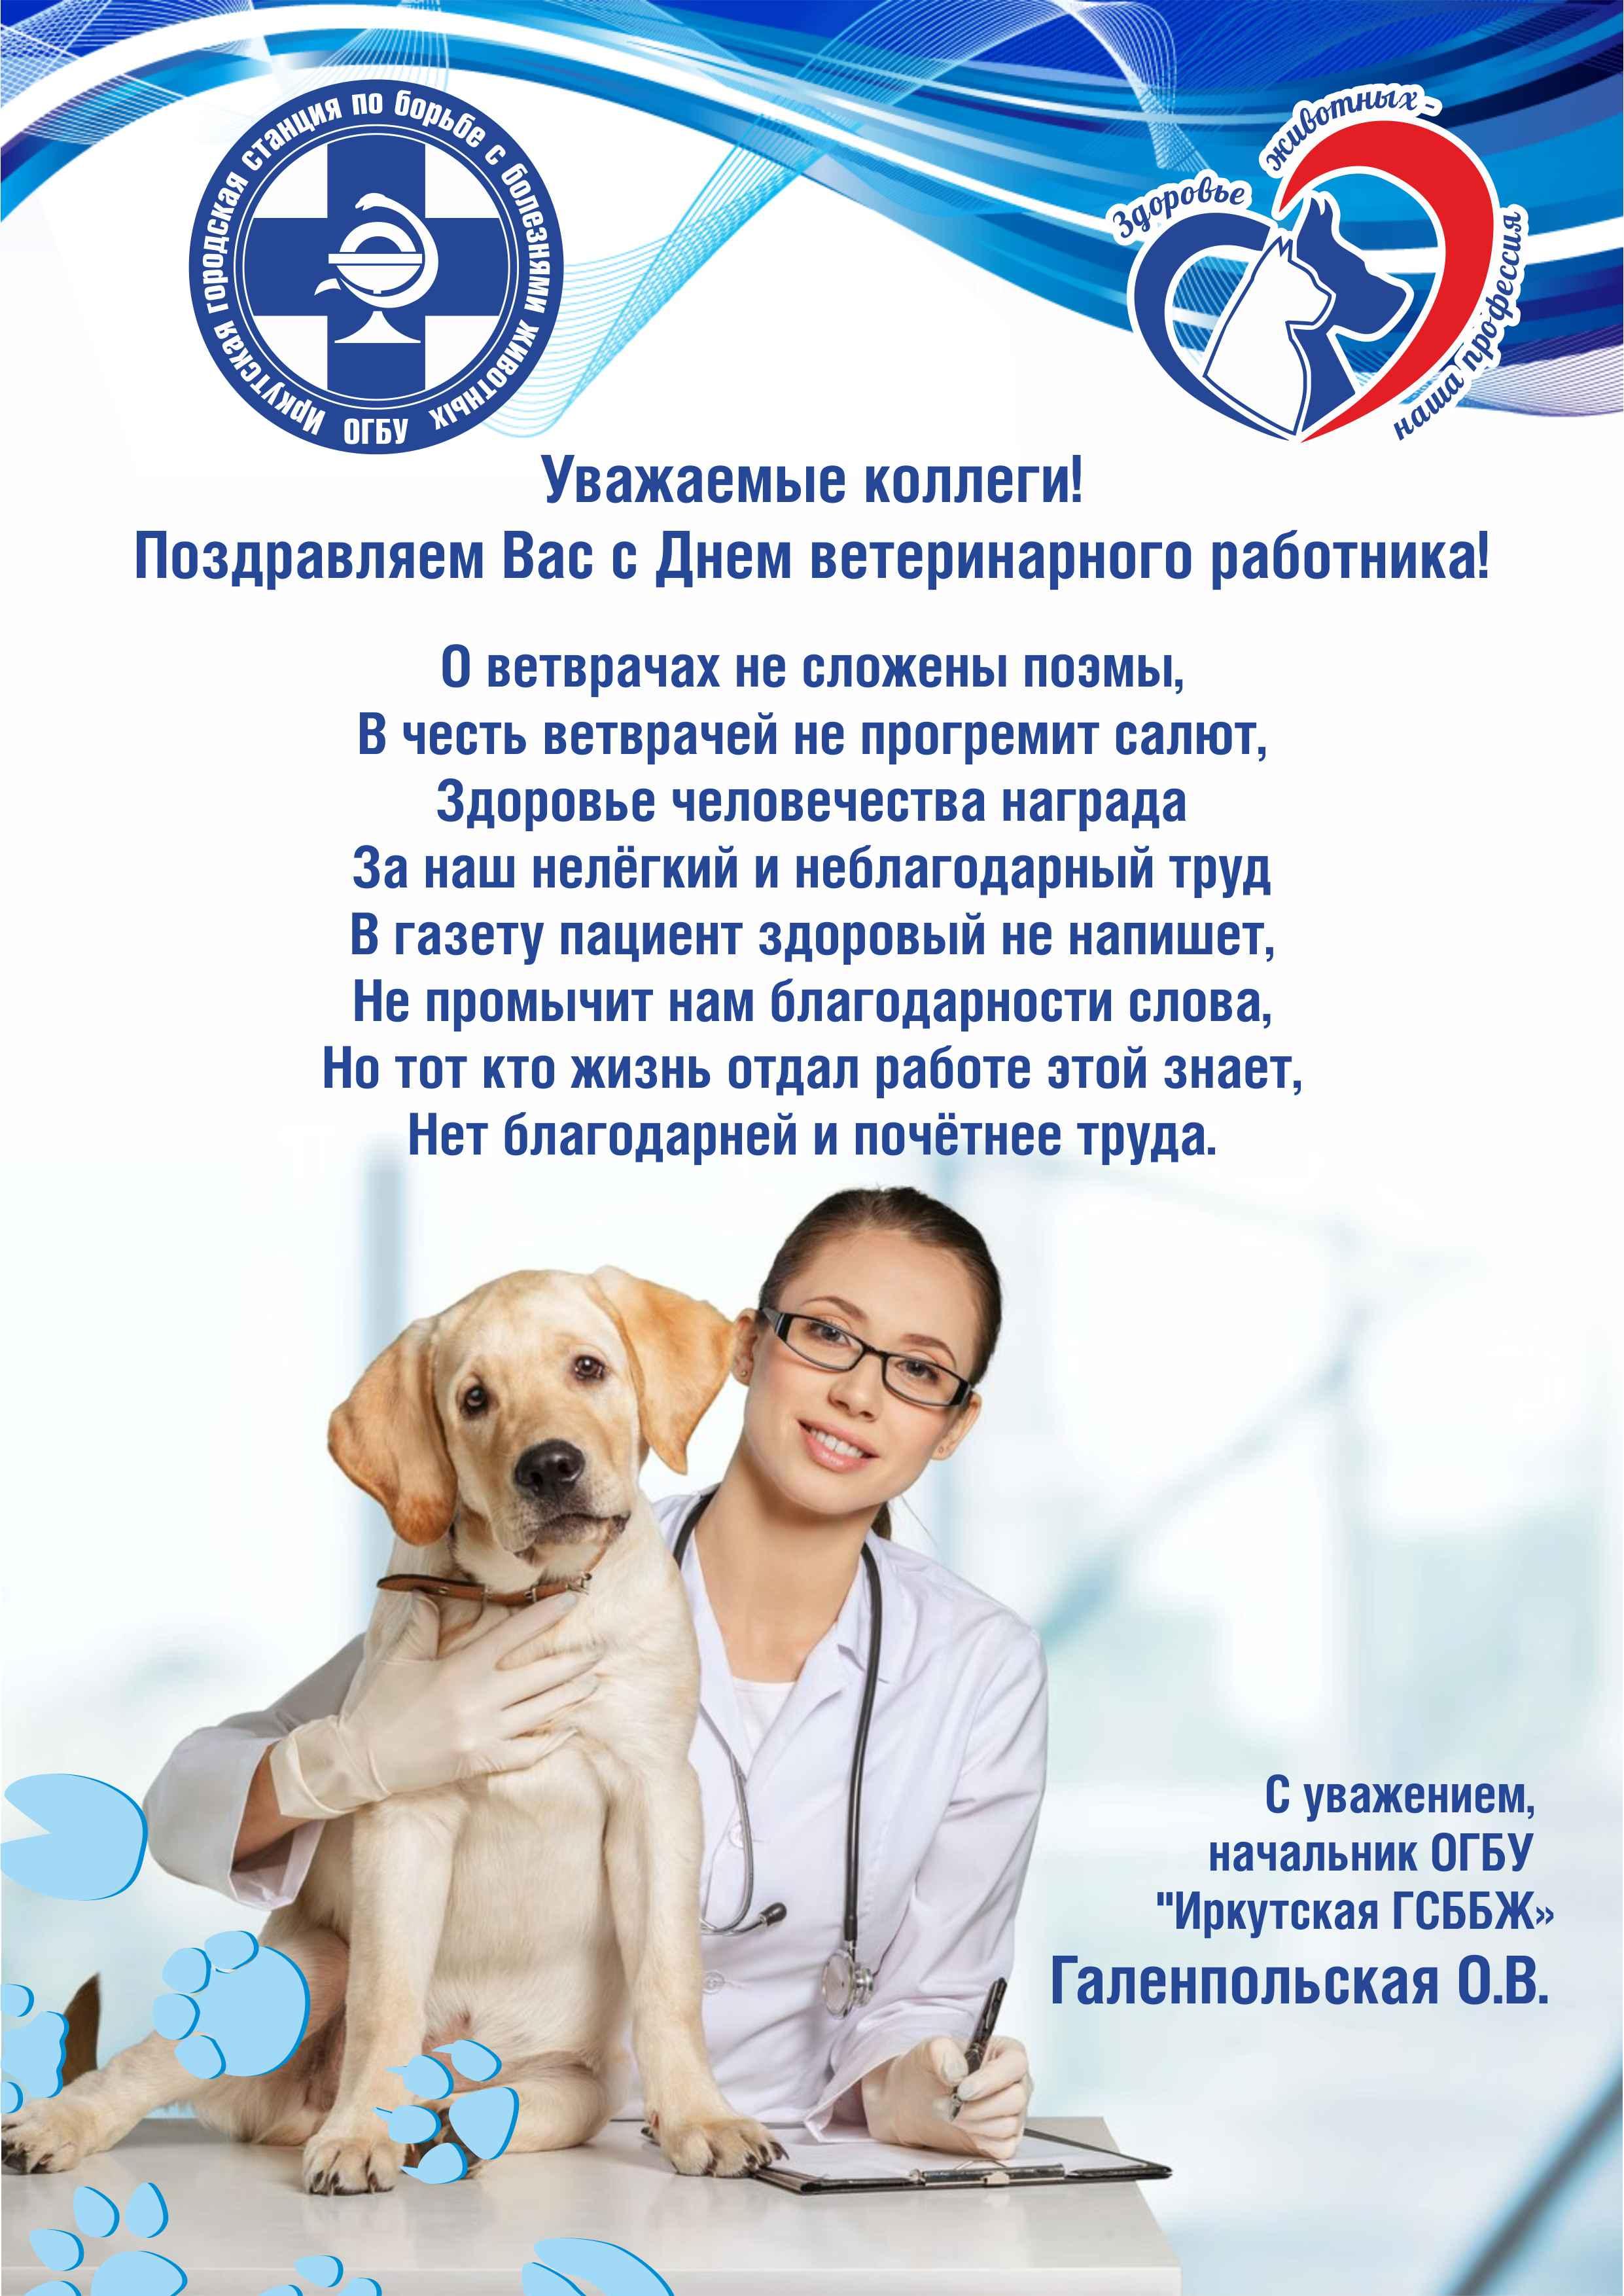 Поздравление ветеринарных специалистов